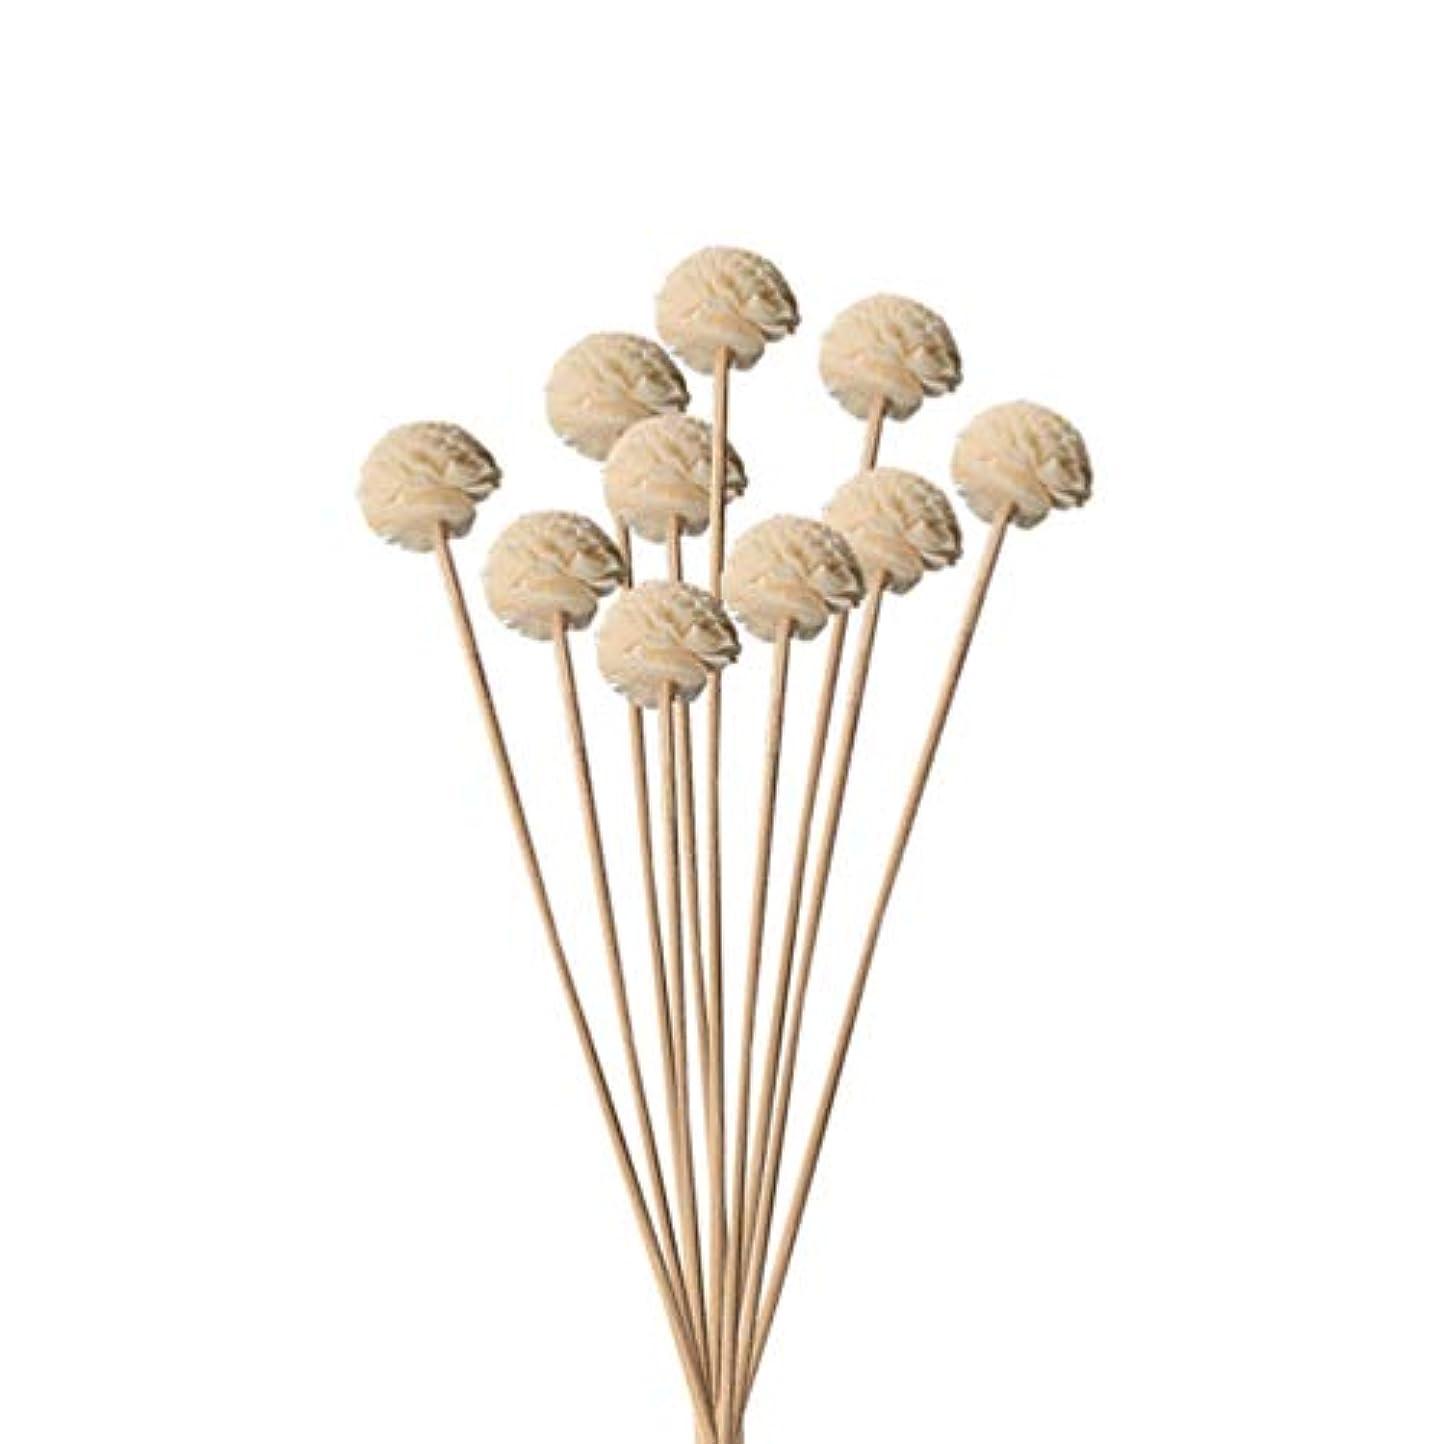 荒らすレビュー狂人Hongma 10本入り 造花 ラタンスティック リードディフューザー用 リフィル 高品質 かわいい クラフト 本色